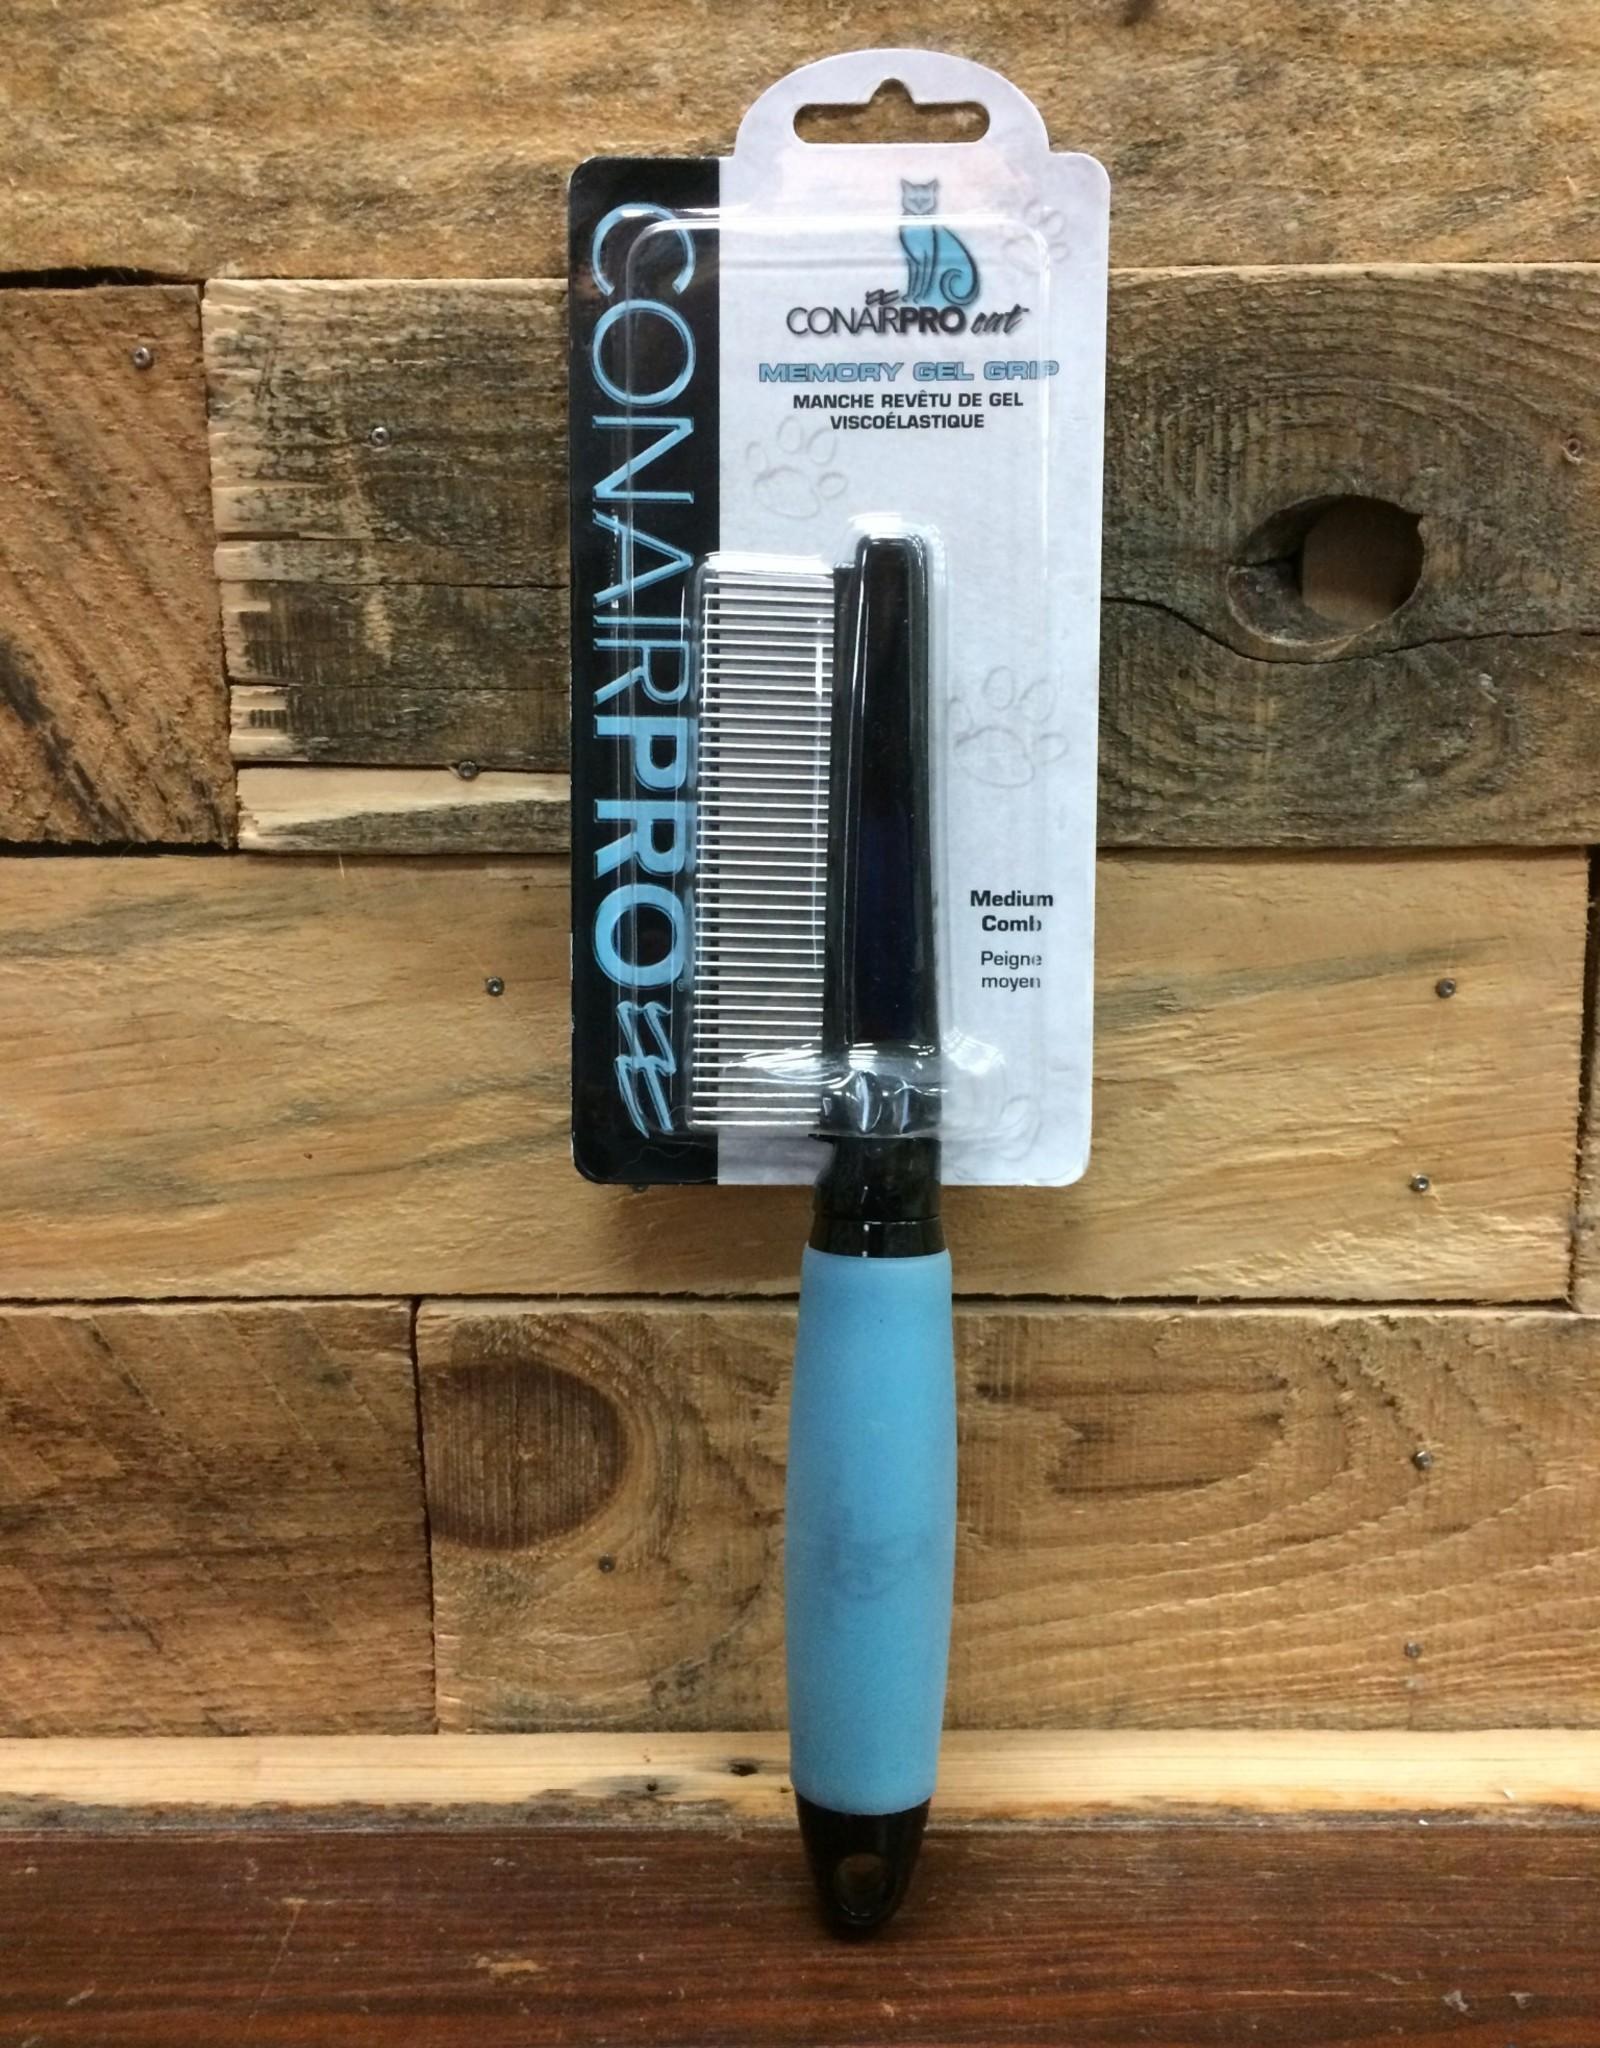 Conair Corporation Conair Medium comb cat